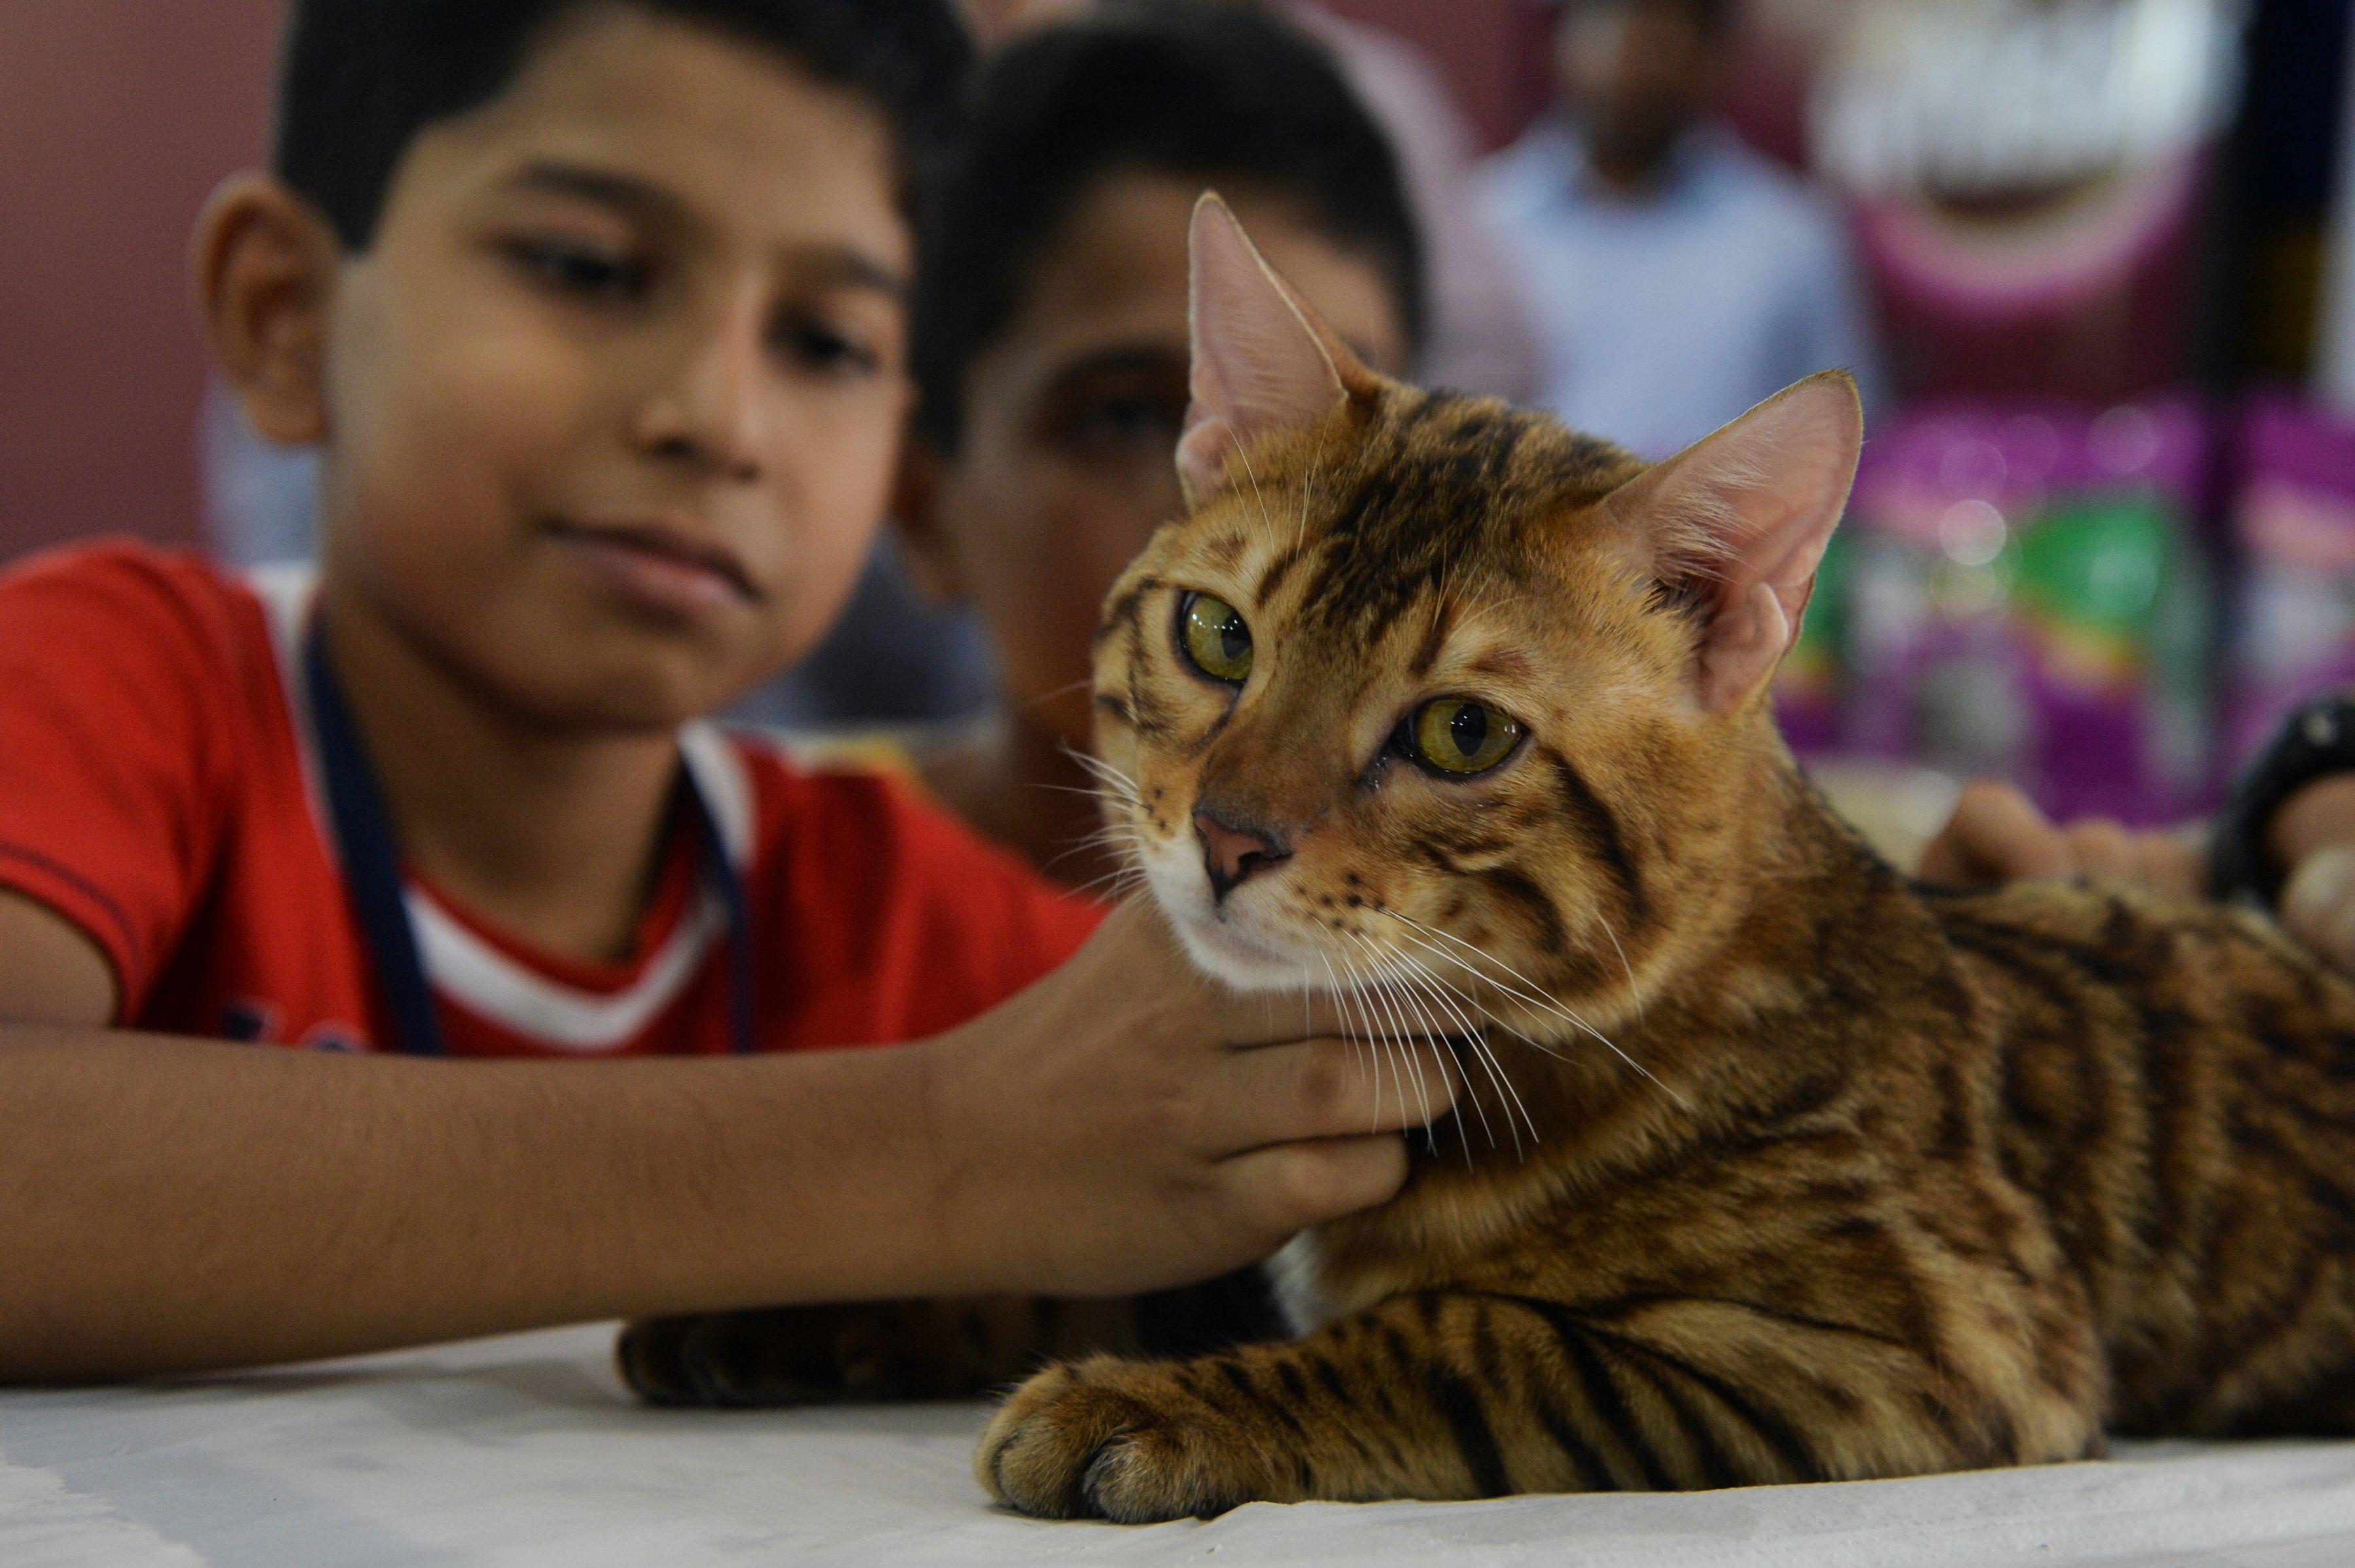 طفل يداعب قطة فى المعرض الدولى بالهند